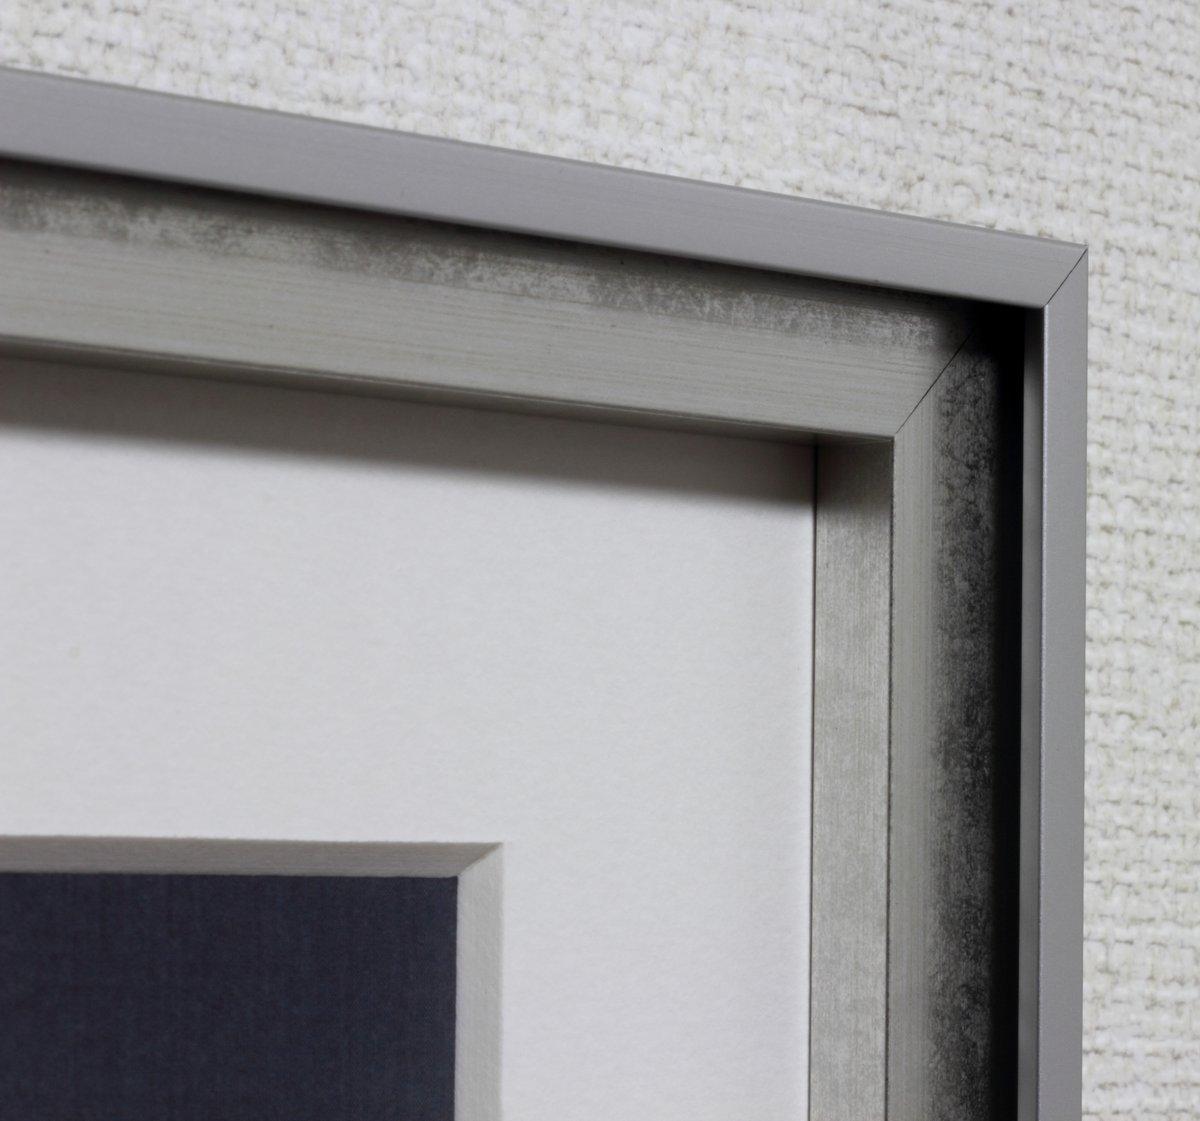 《水墨画》魚眼オーロラ(高野嘉峰)第37回全日本水墨画秀作社 額装展 総務大臣賞受賞作品